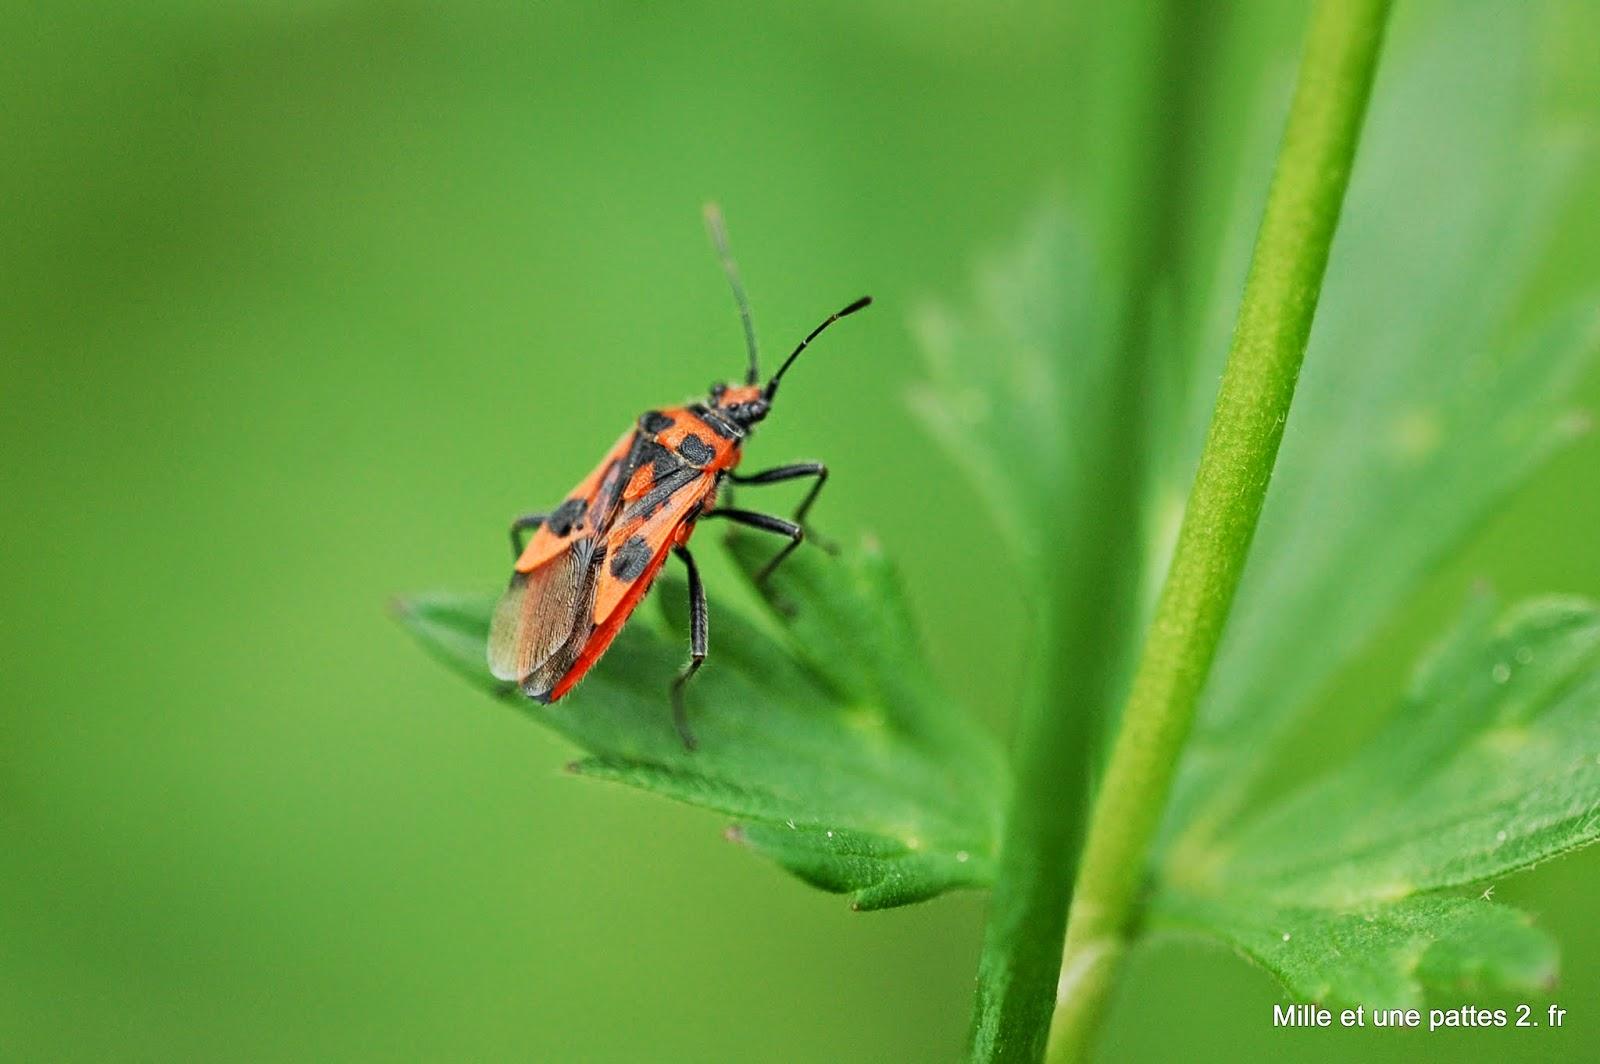 Mille et une pattes 2 une punaise rouge et noire - Insecte rouge et noir ...